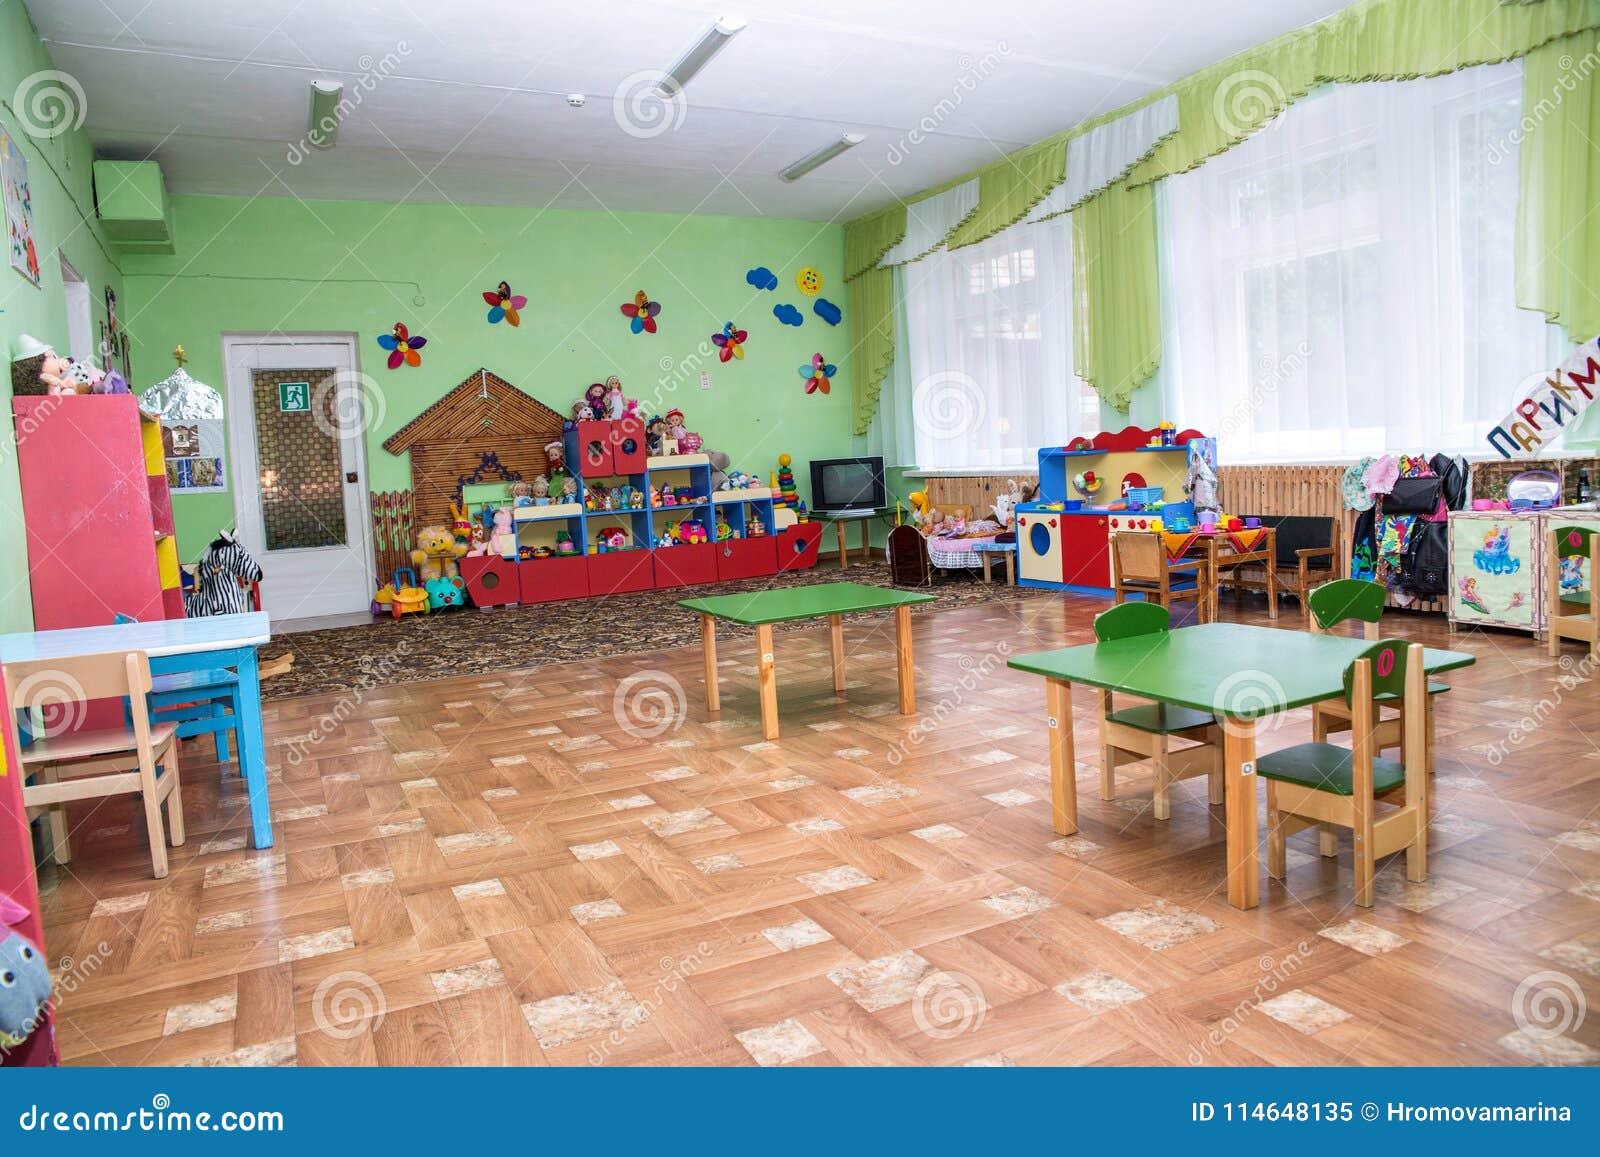 The class kindergarten, class in primary school, playschool.